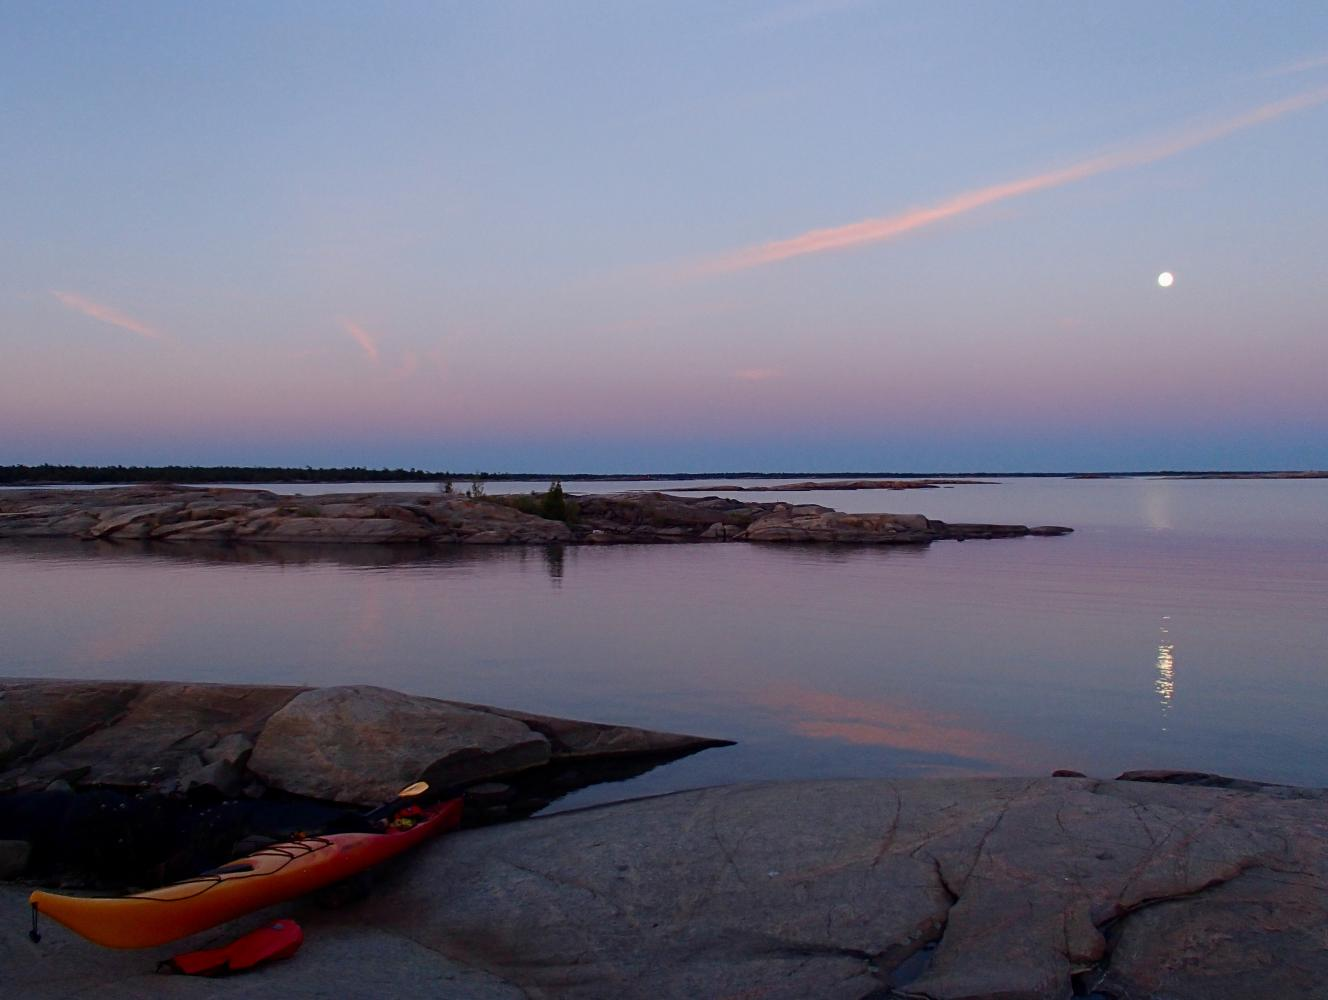 coucher de soleil lever de lune